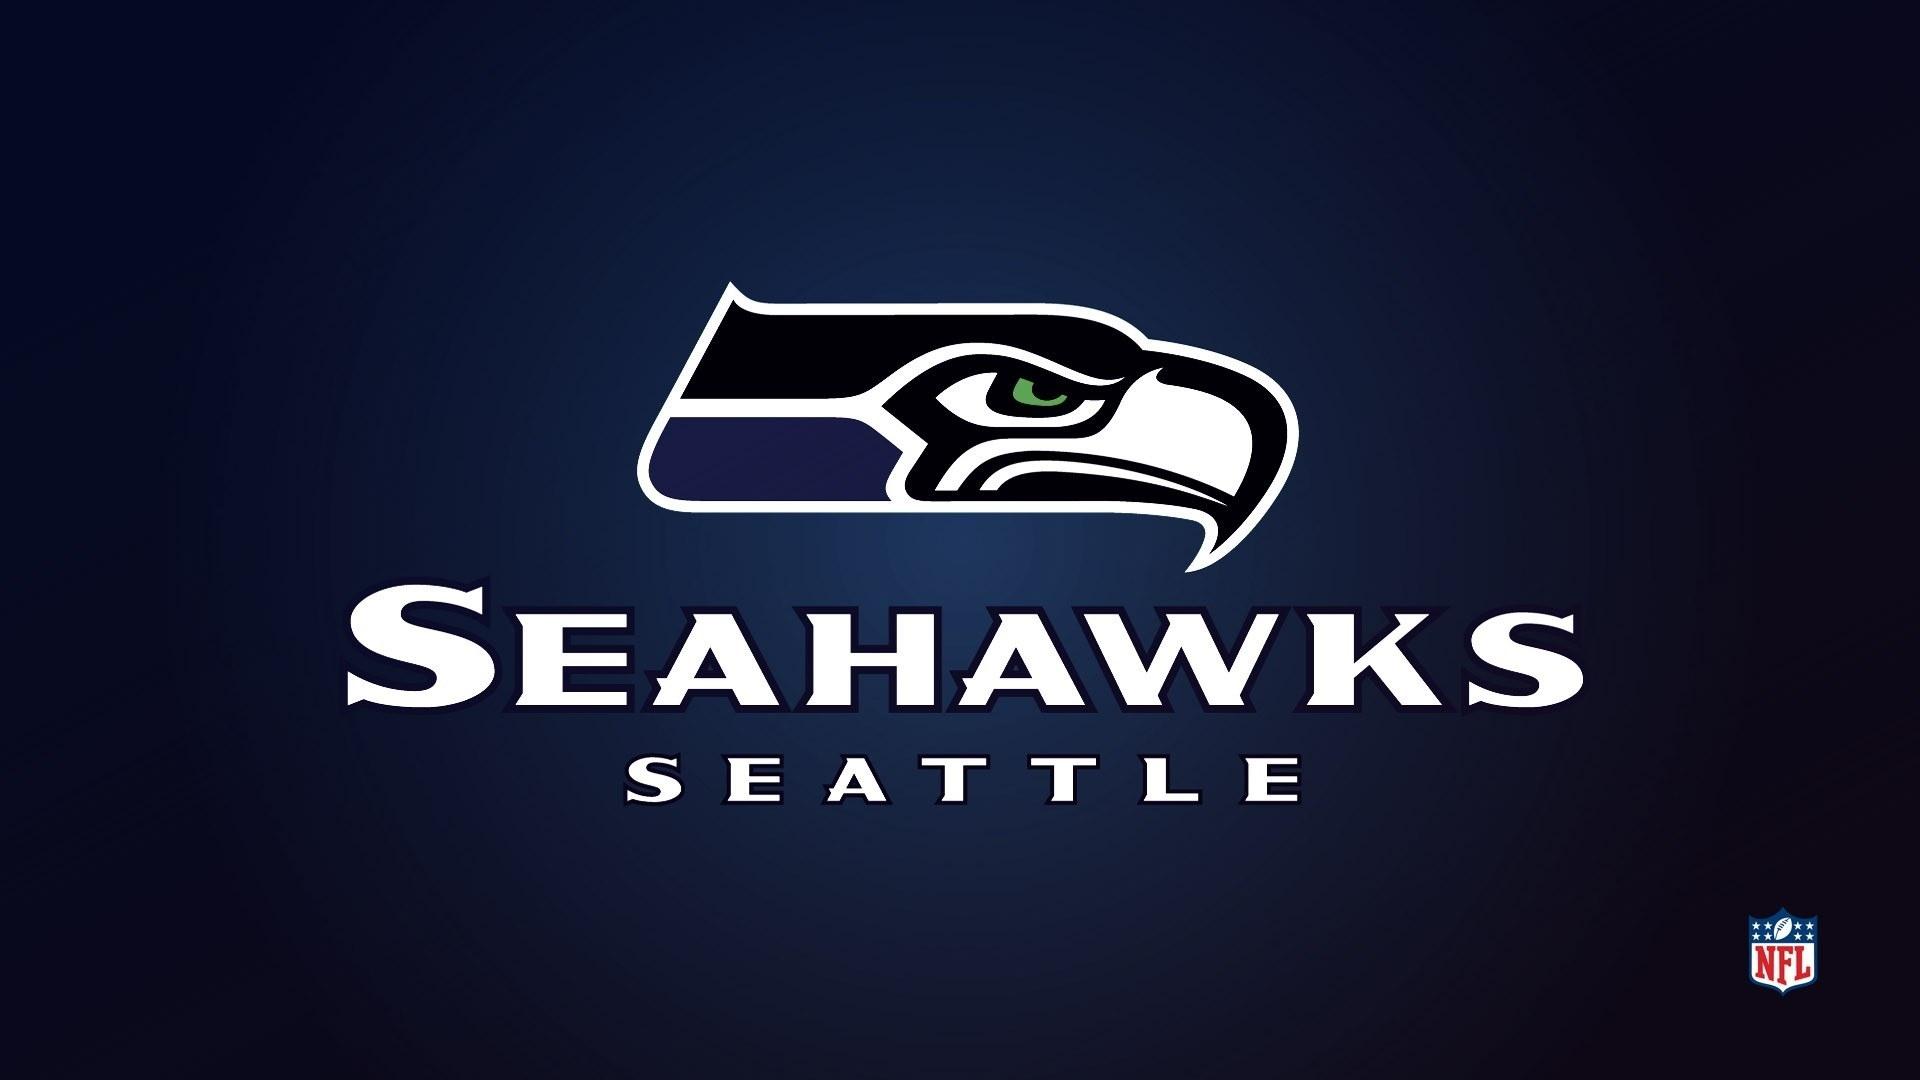 seattle seahawks wallpaper hd wallpaper of sports - hdwallpaper2013